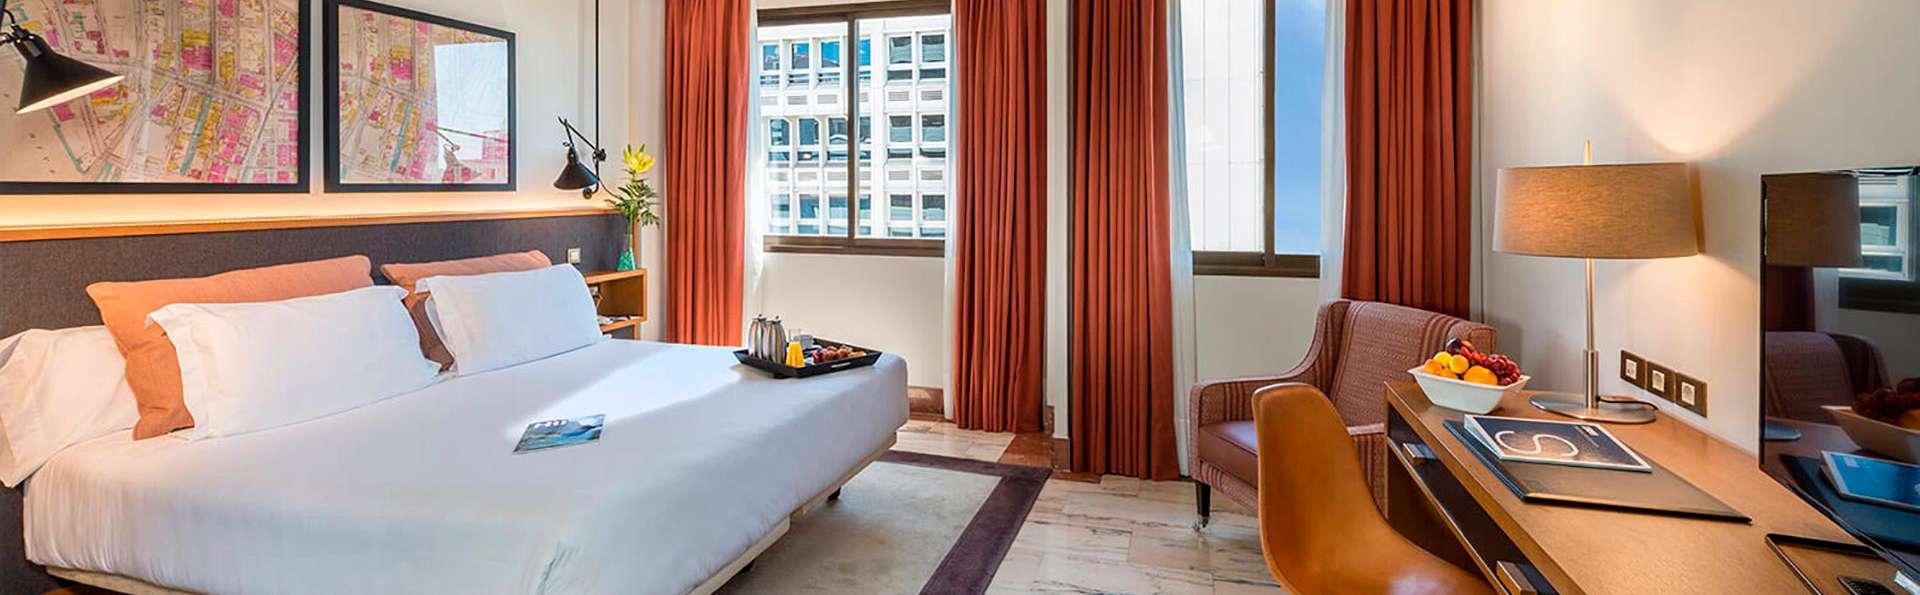 Escapade romantique avec chocolats et cava dans la chambre pour un plaisir en toute intimité